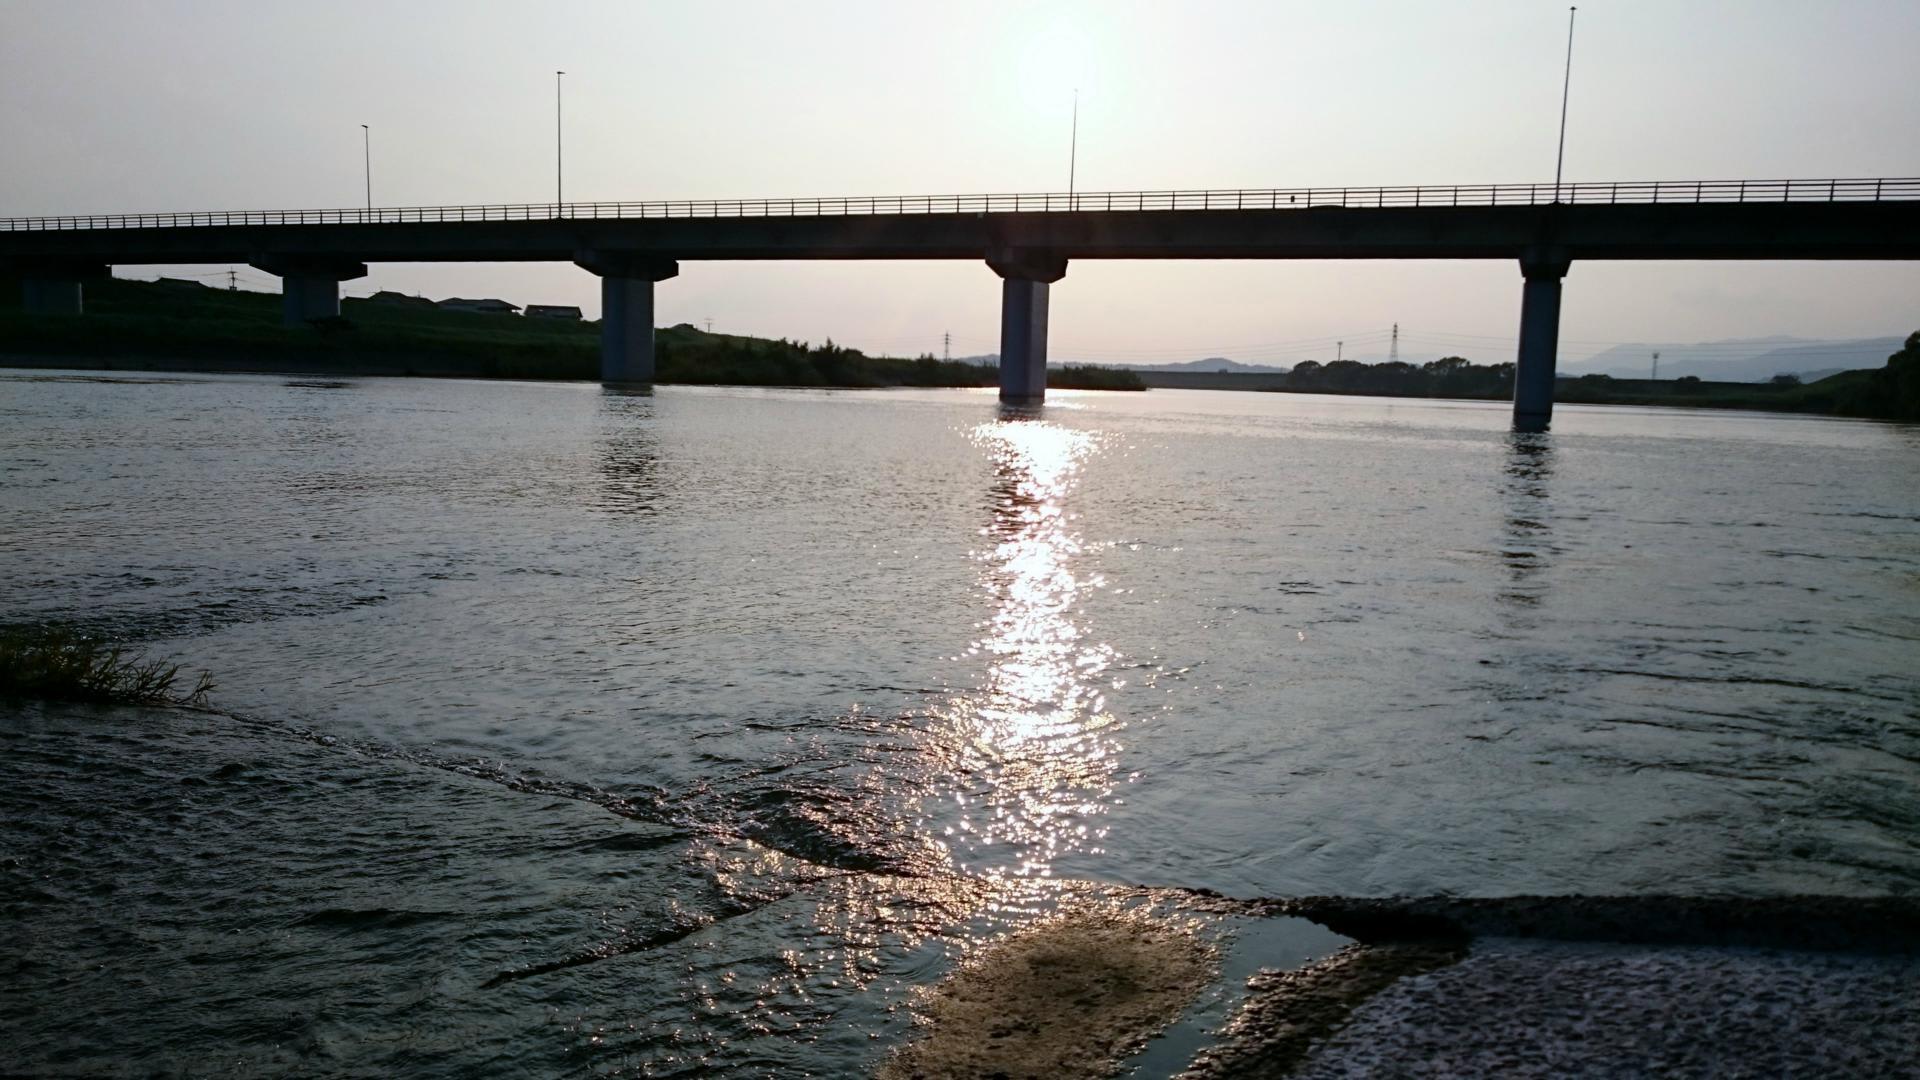 20160924 筑後川と宝満川 - tak1...